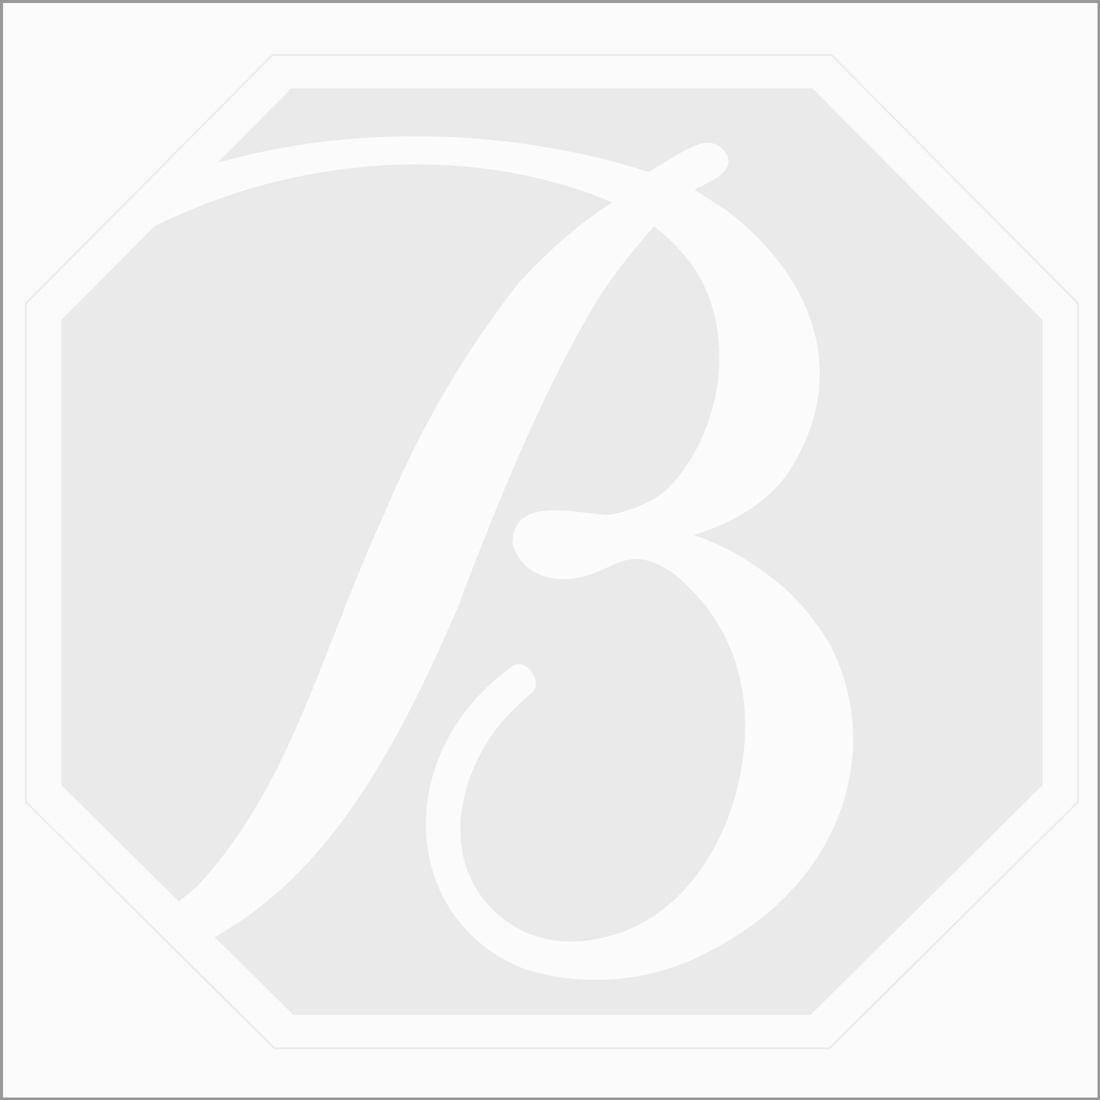 2 Pcs - Blue Sapphire Rose Cuts - 28.44 ct. - 18 x 22.5 x 3.5 mm  (SSL1002)